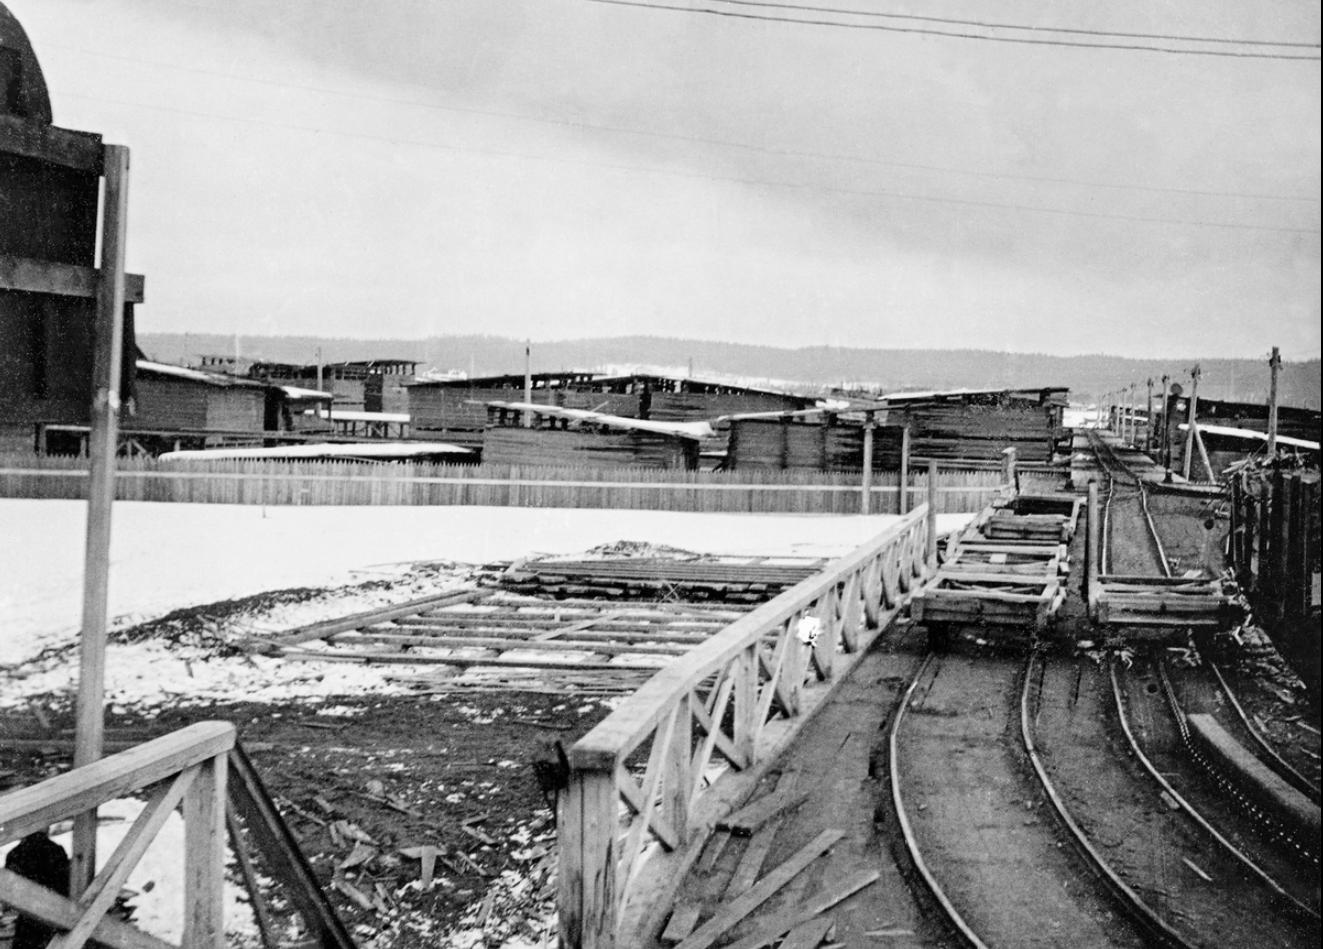 Лесопильный завод Ко. Онежского Лесного Торга. Железнодорожные перевозки из пильного цеха